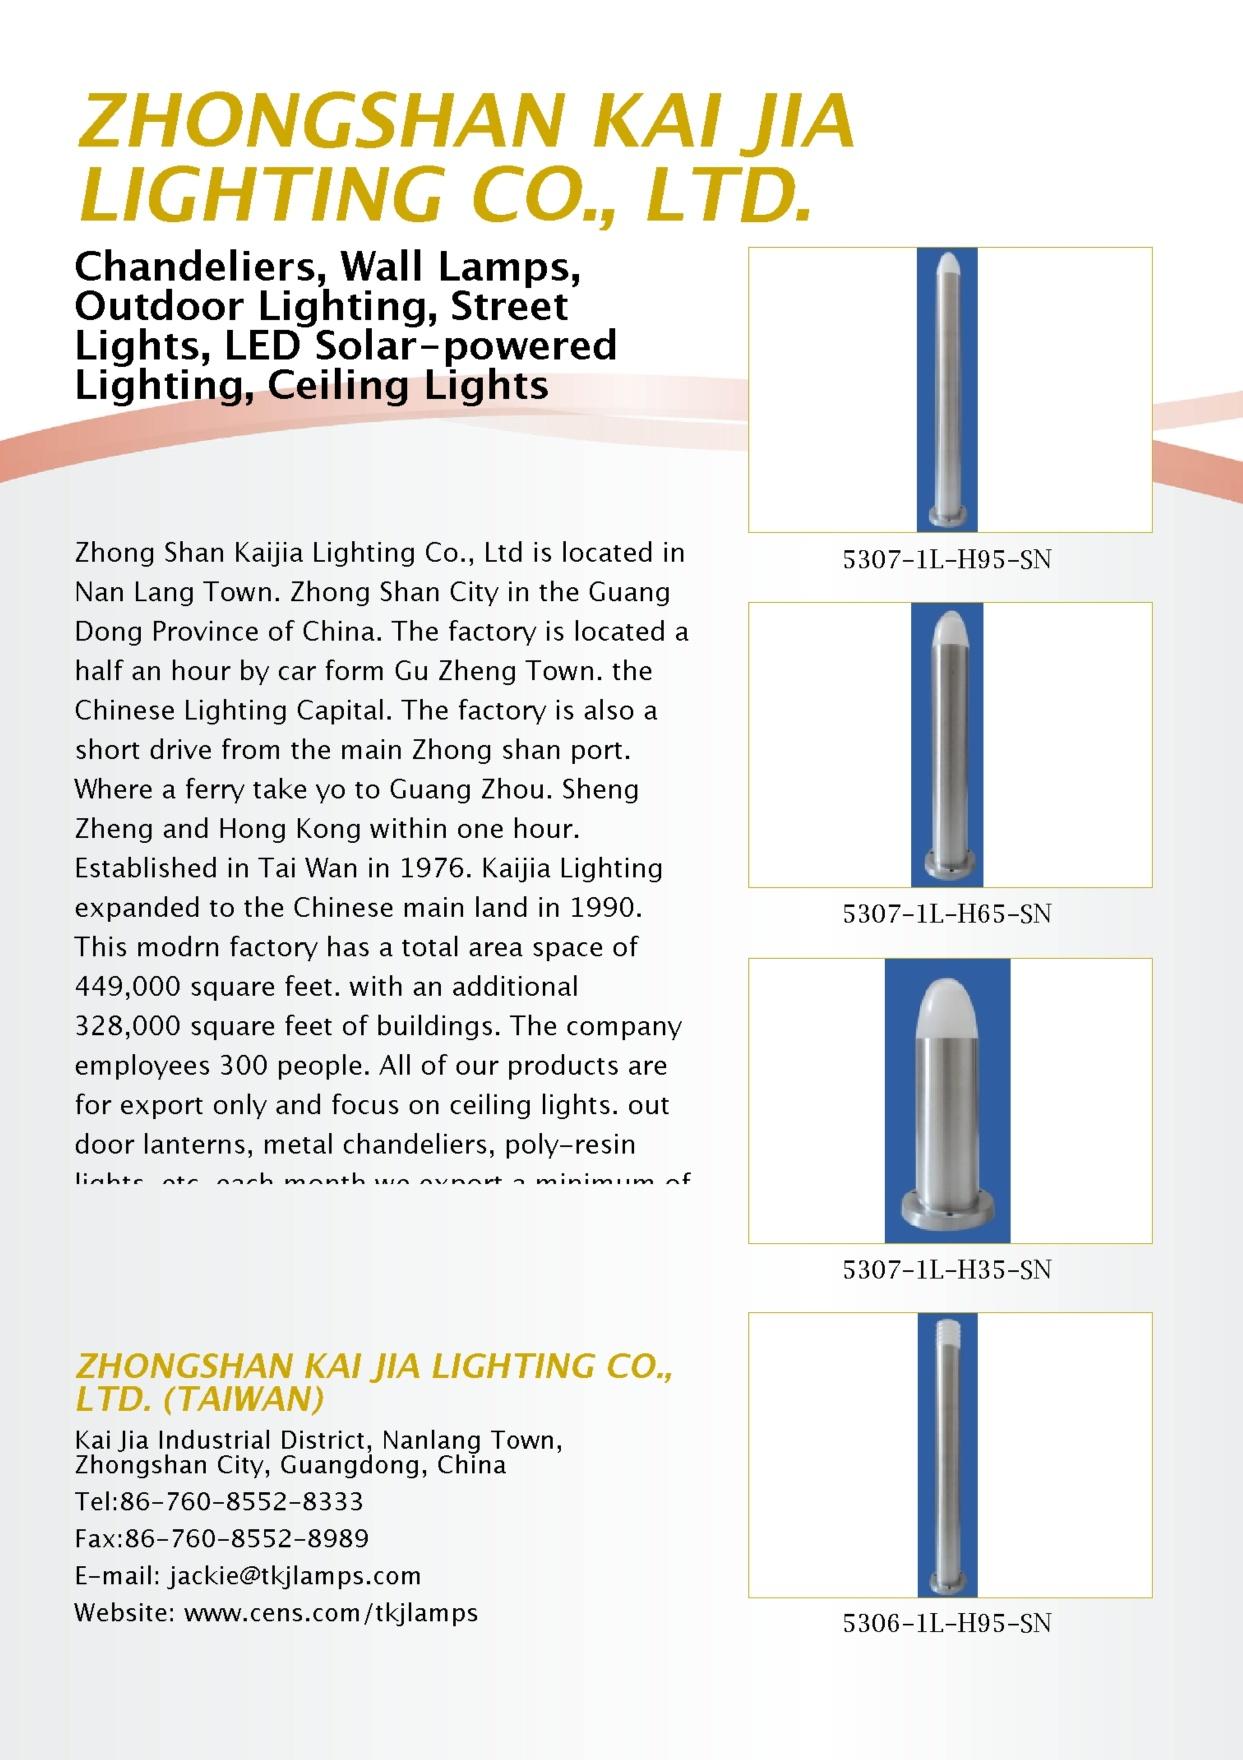 ZHONGSHAN KAI JIA LIGHTING CO., LTD. (TAIWAN)